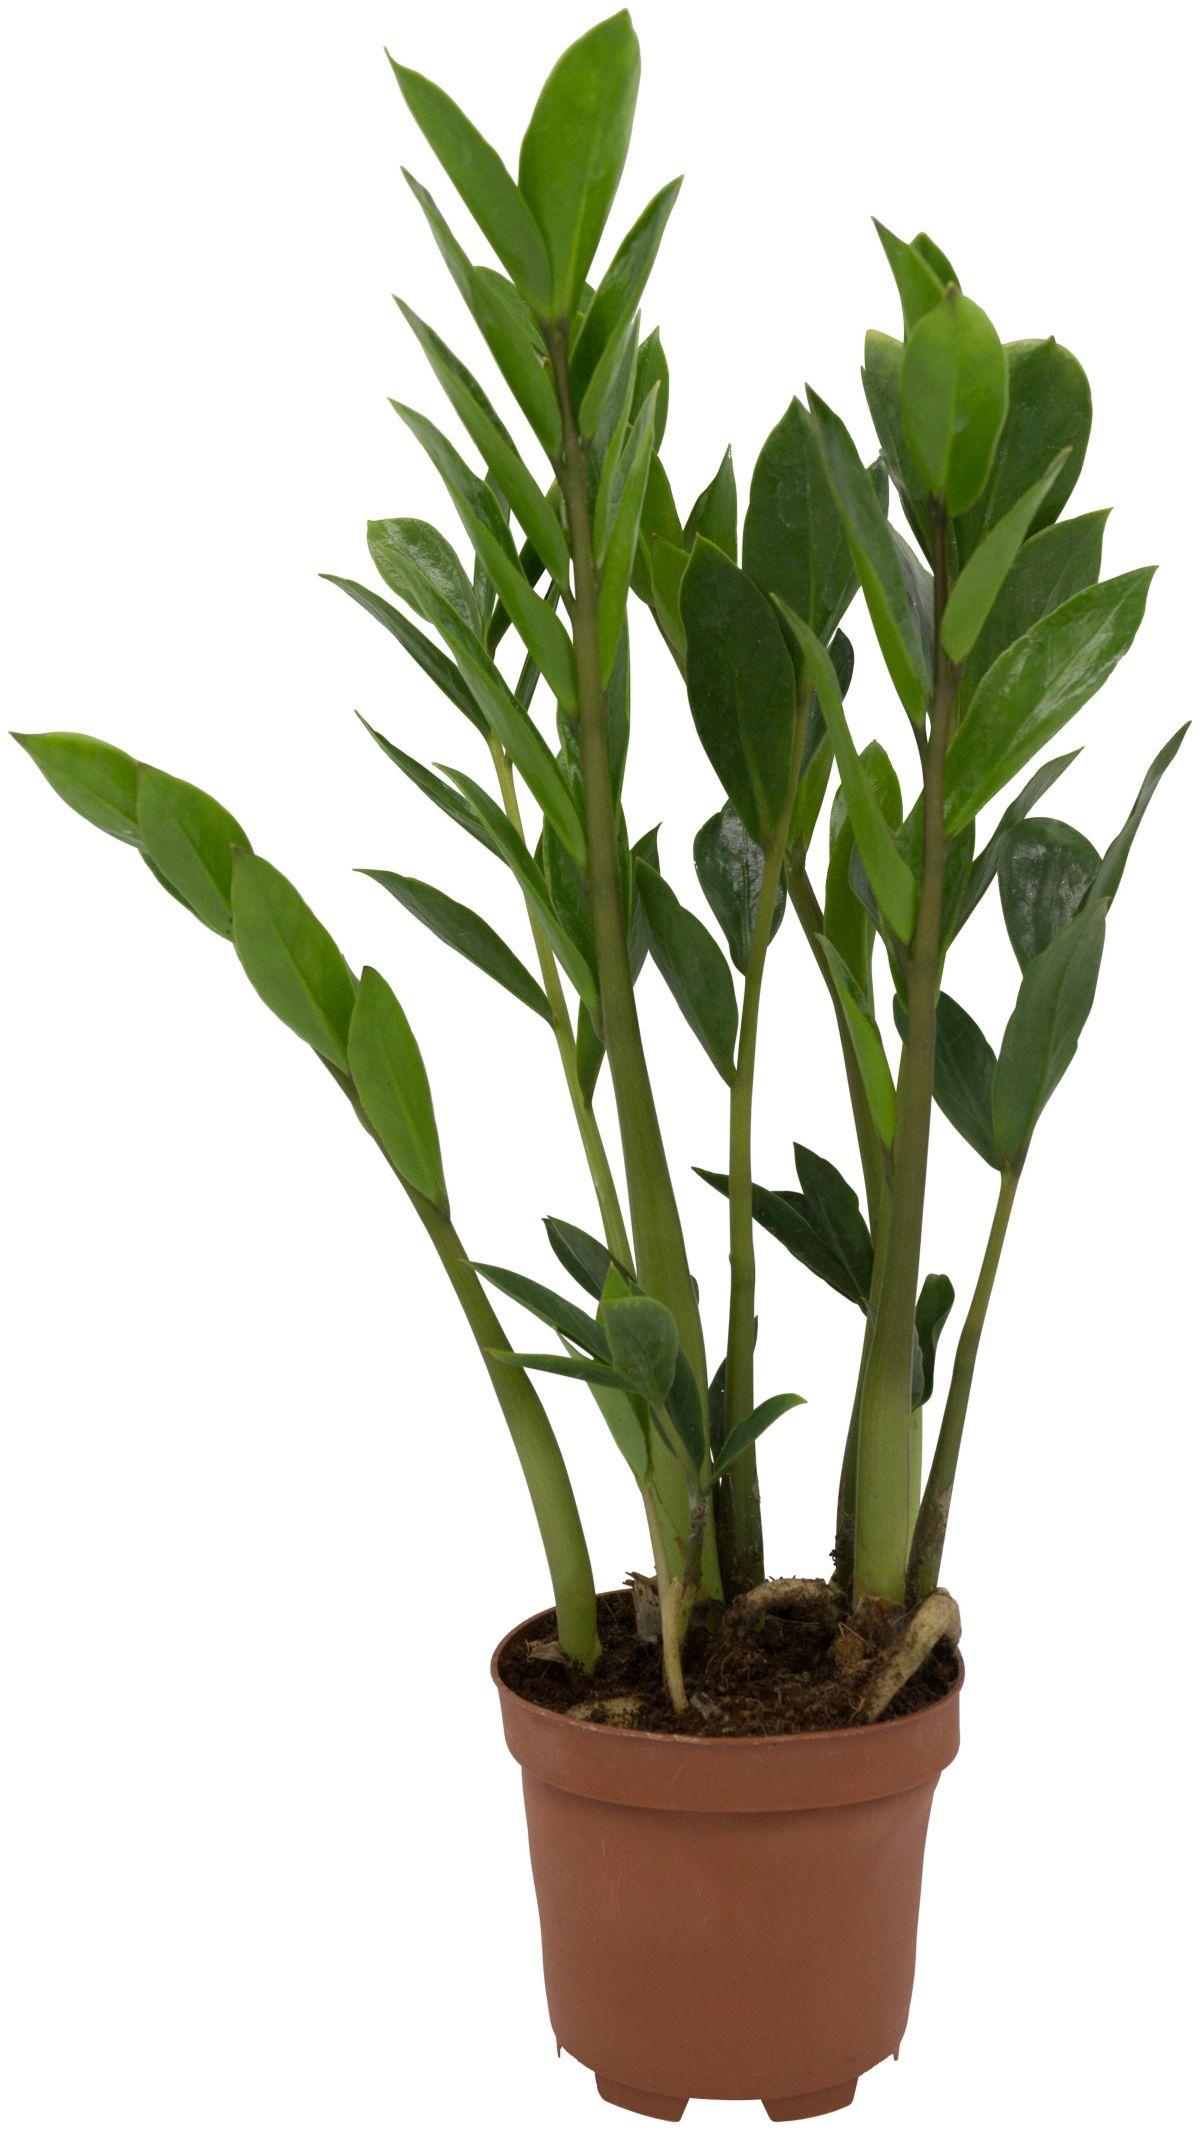 Zimmerpflanze »Zamioculcas«, Höhe: 20 cm, 1 Pfl...